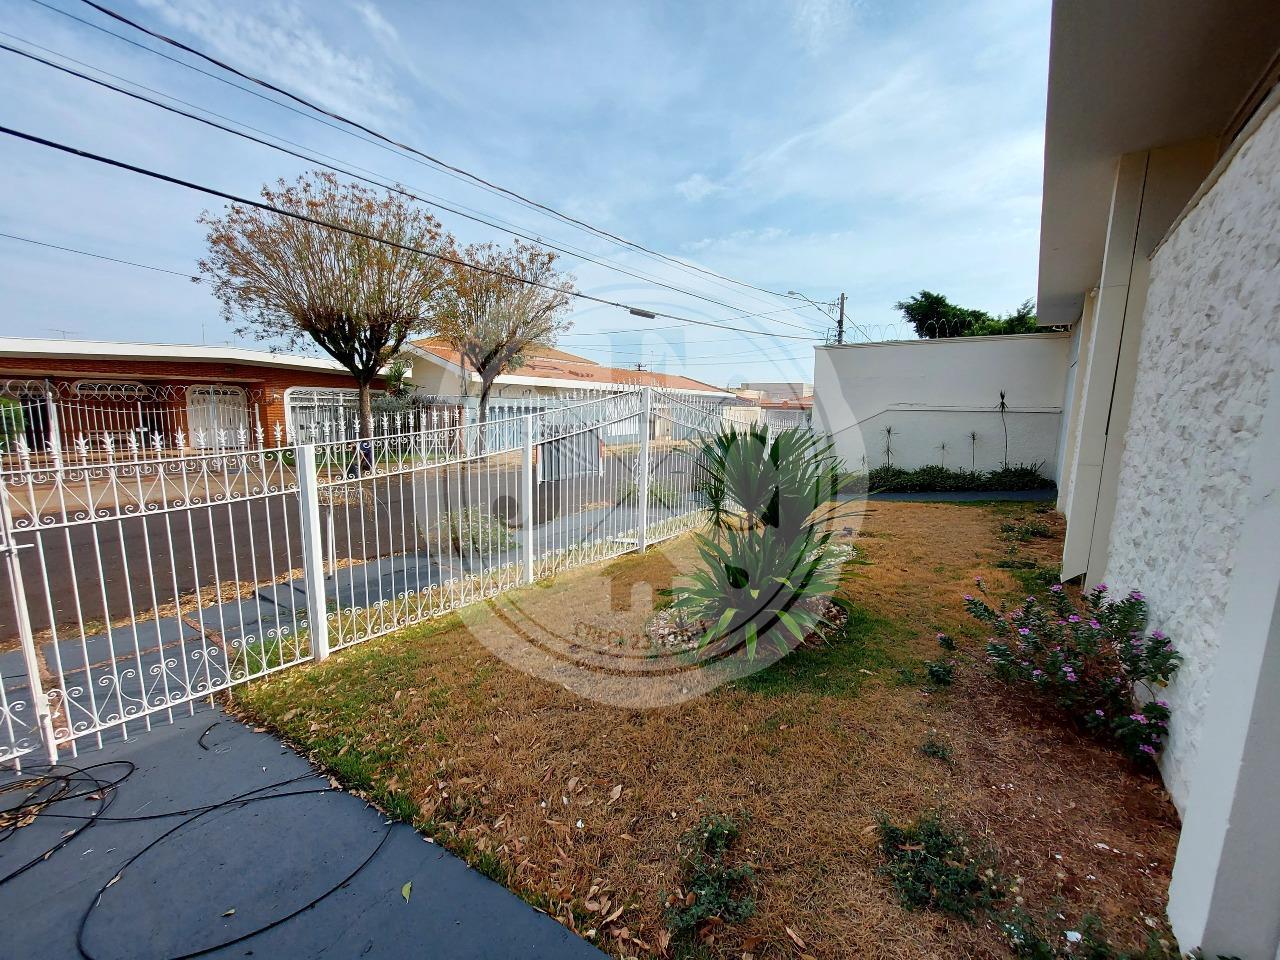 Casa para aluguel no Alto da Boa Vista: Jardim Frontal